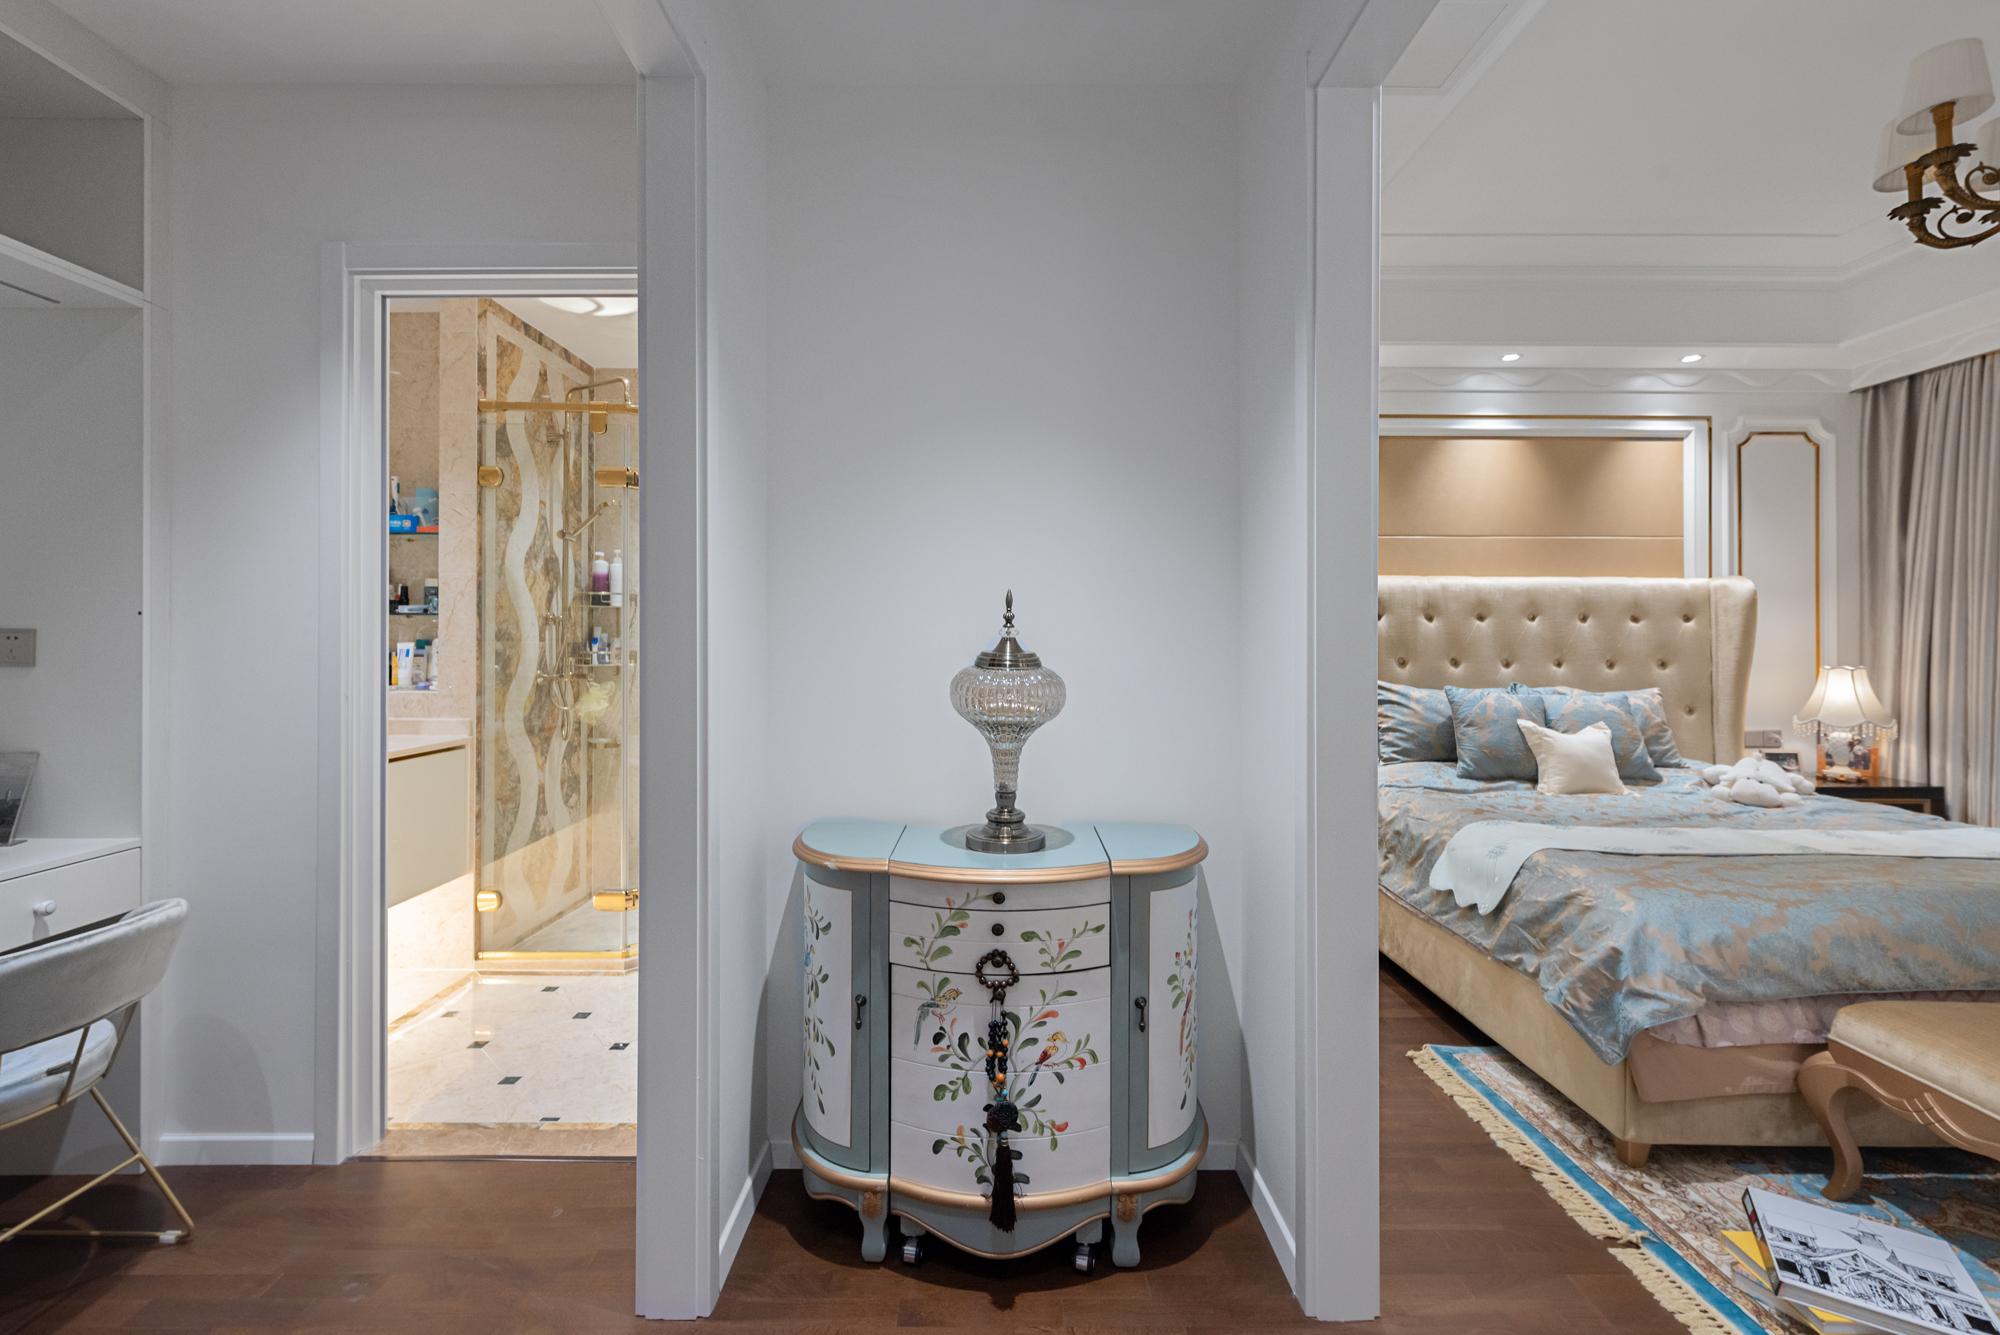 简约 欧式 混搭 别墅 收纳 80后 小资 卧室图片来自林上淮·圣奇凯尚装饰在爱家有故事·轻奢新贵的分享